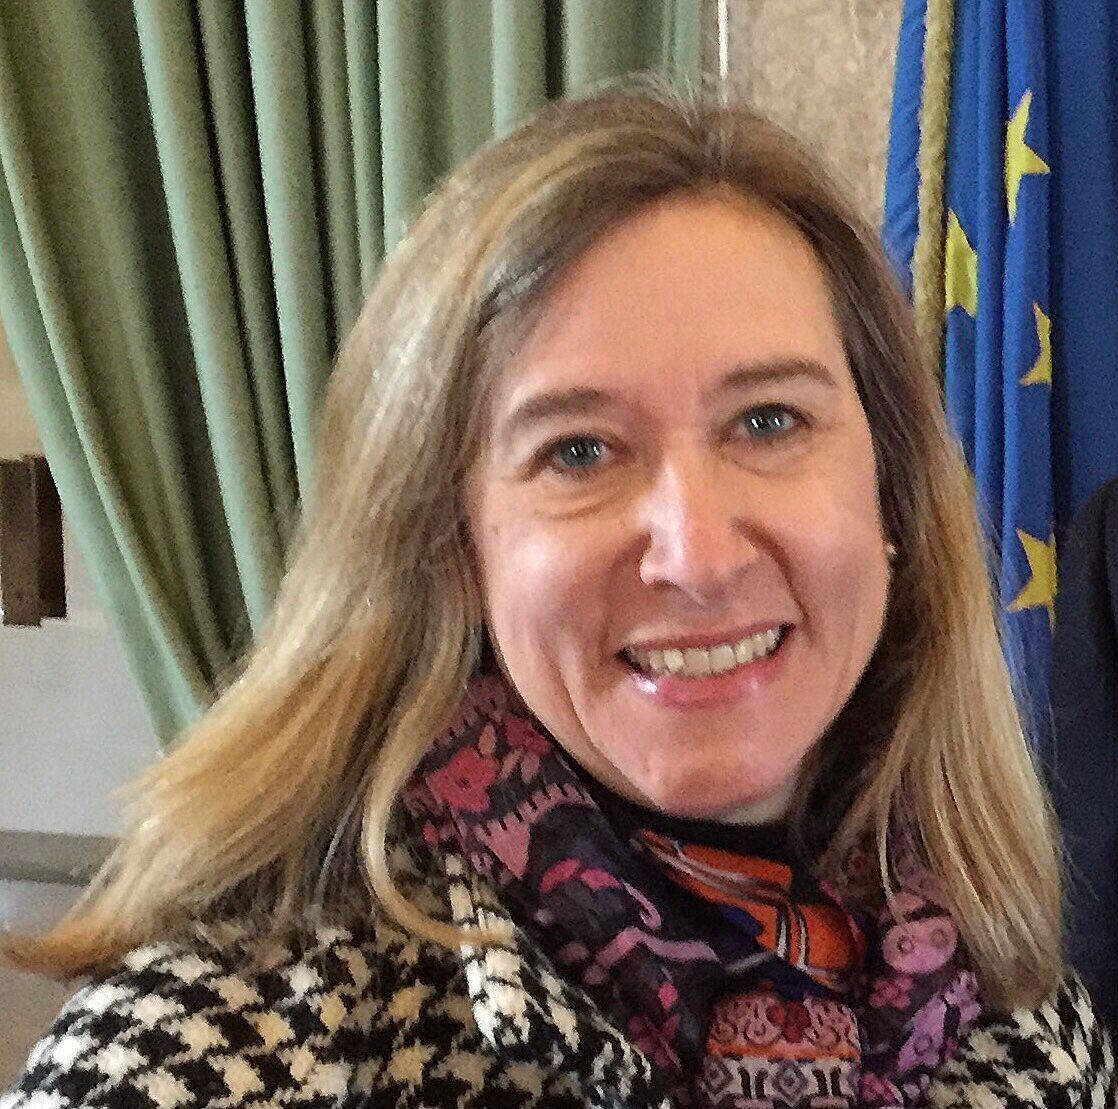 Elizabeth Baer